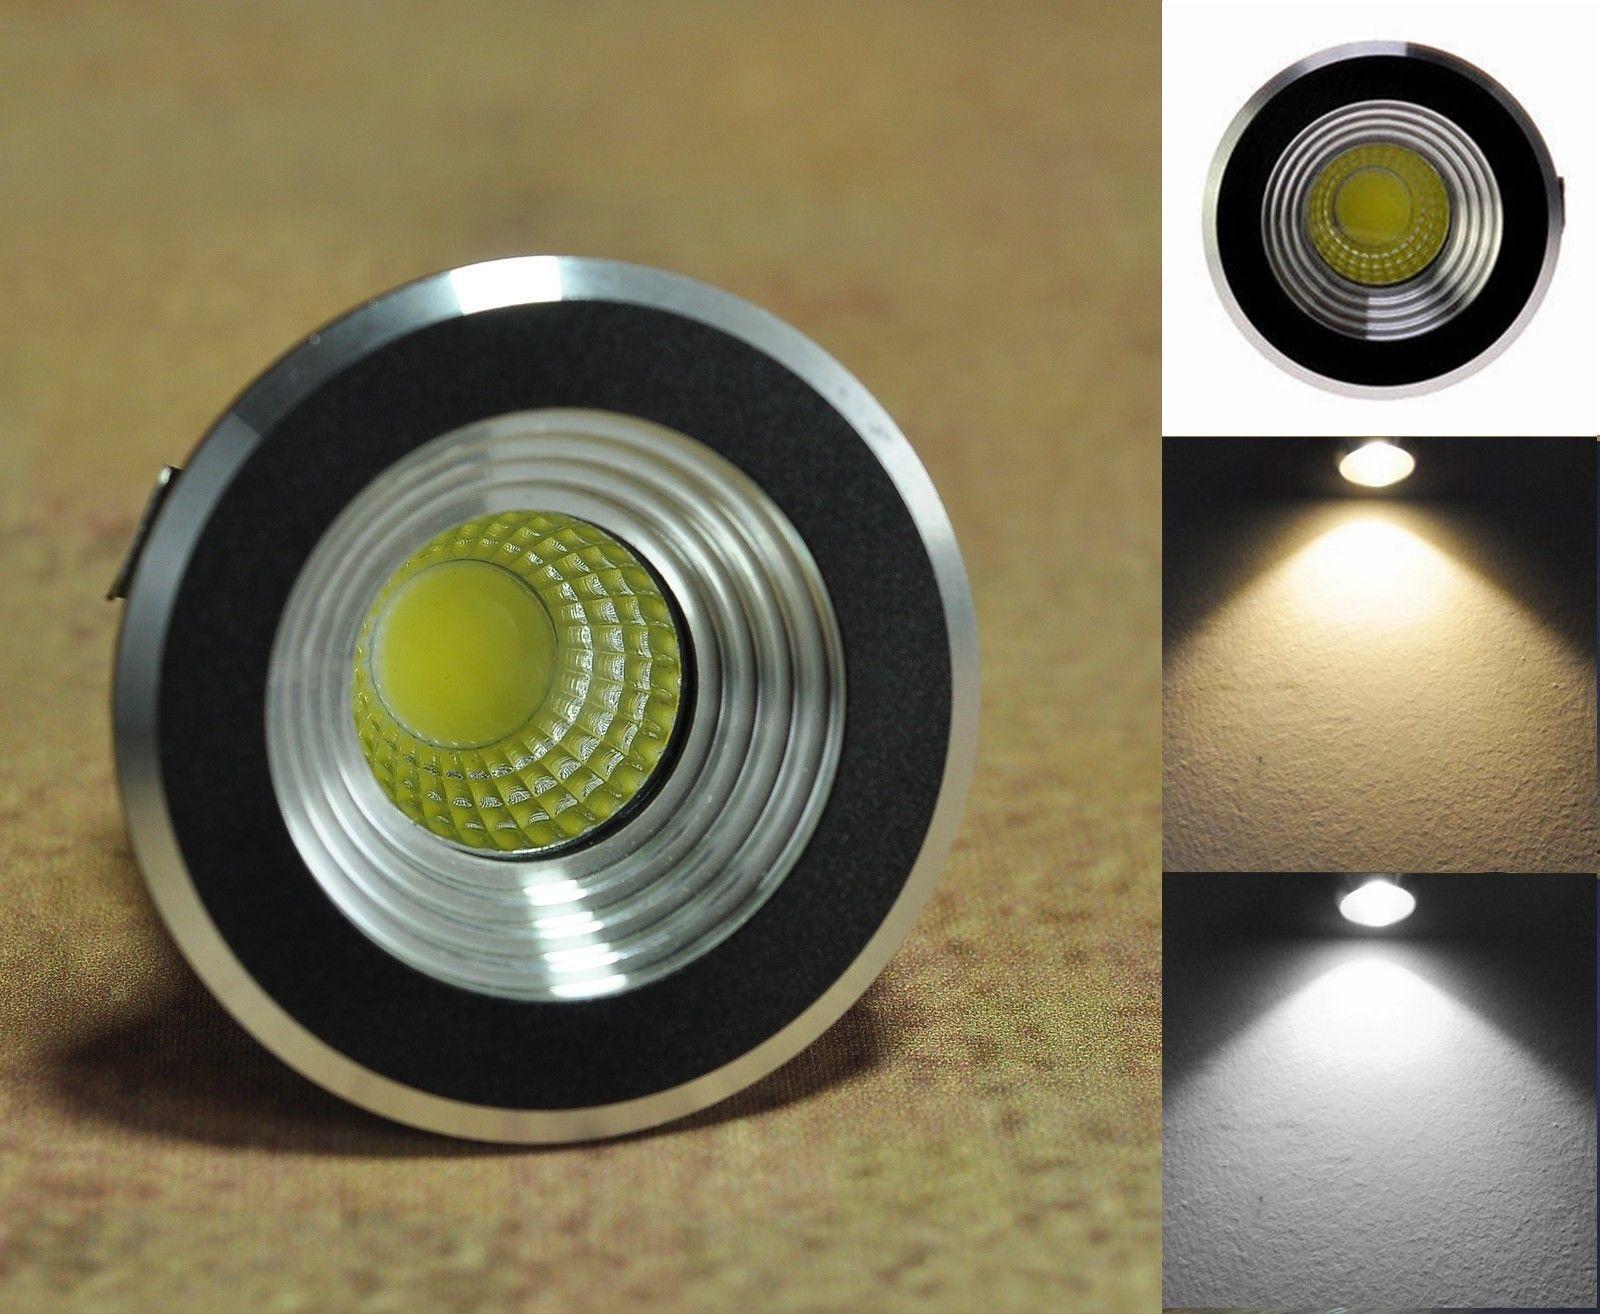 10 X 3w Led Mini Spot Lampe Encastre Plafond Downlight Avec Transformateur 220v Ebay Led Plafond Lampe